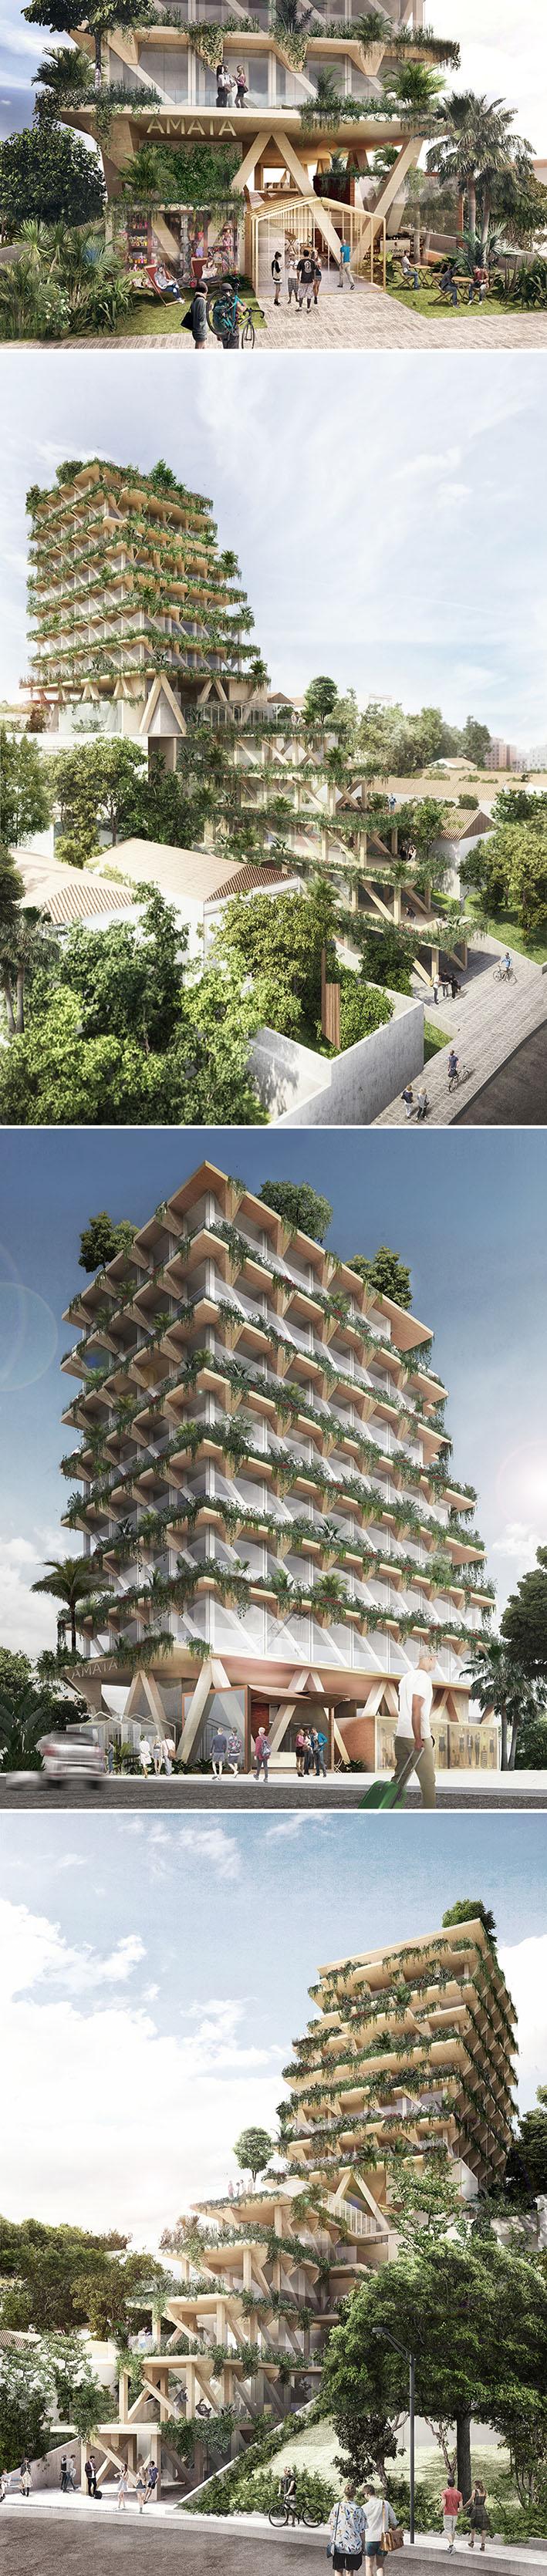 São Paulo ganhará o primeiro edifício de madeira do Brasil que absorve CO2 stylo urbano